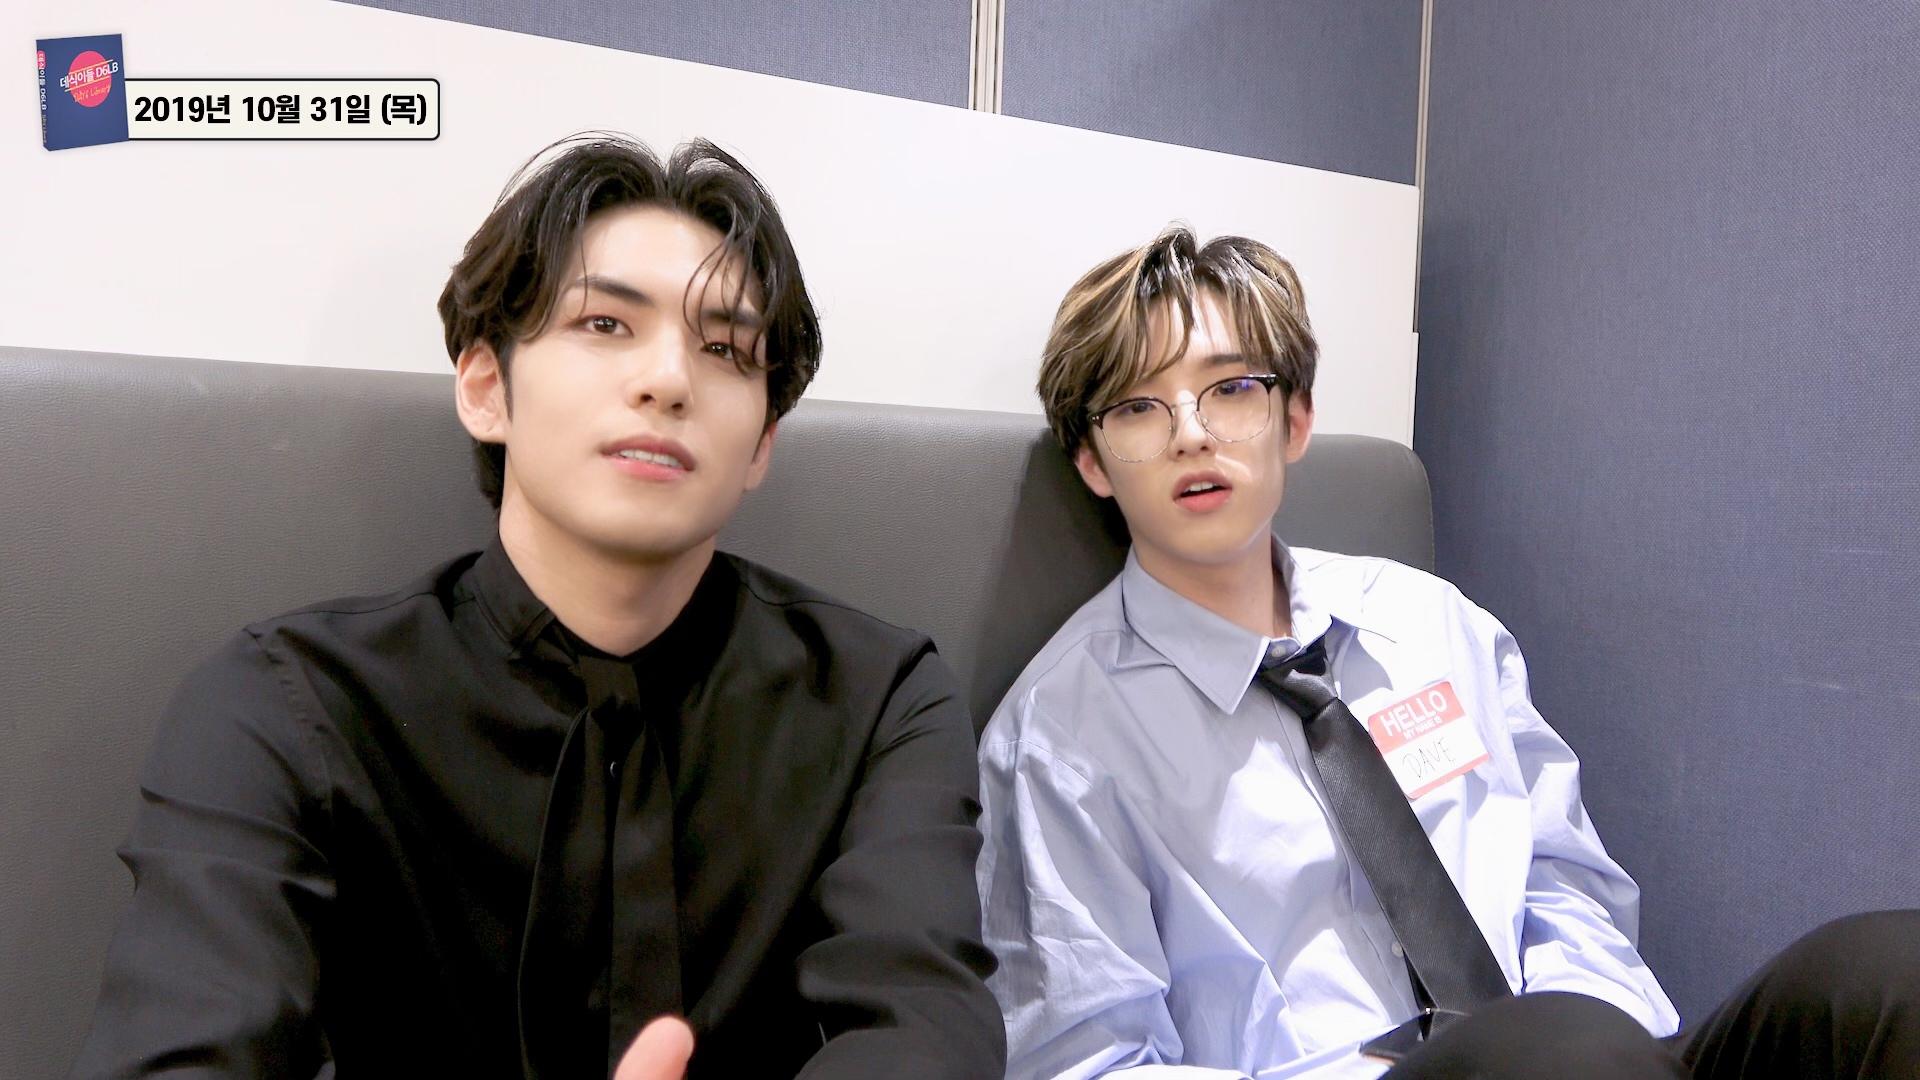 [데식이들 D6LB] VIDEO LAB - 006 -